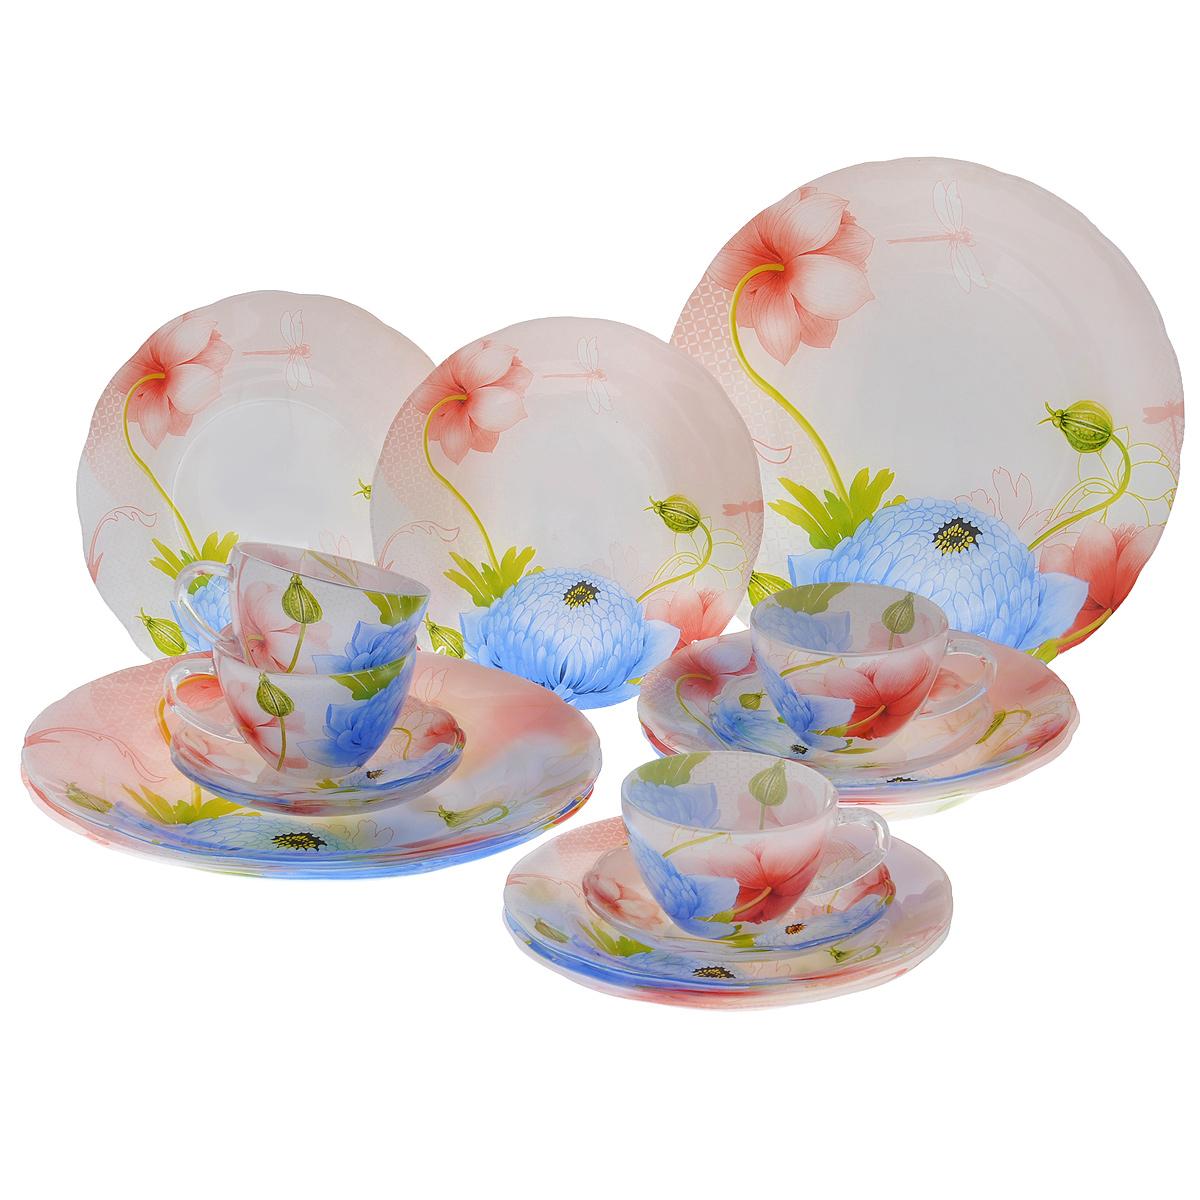 Набор посуды Кувшинки, 20 предметов10053Набор посуды состоит из 4 чашек, 4 блюдец, 4 тарелок для супа, 4 обеденных тарелок, 4 десертных тарелок. Изделия выполнены из высококачественного стекла и оформлены изображением кувшинок и стрекоз. Этот набор эффектно украсит стол к обеду, а также прекрасно подойдет для торжественных случаев. Красочность оформления придется по вкусу и ценителям классики, и тем, кто предпочитает утонченность и изящность. Можно мыть в посудомоечной машине.